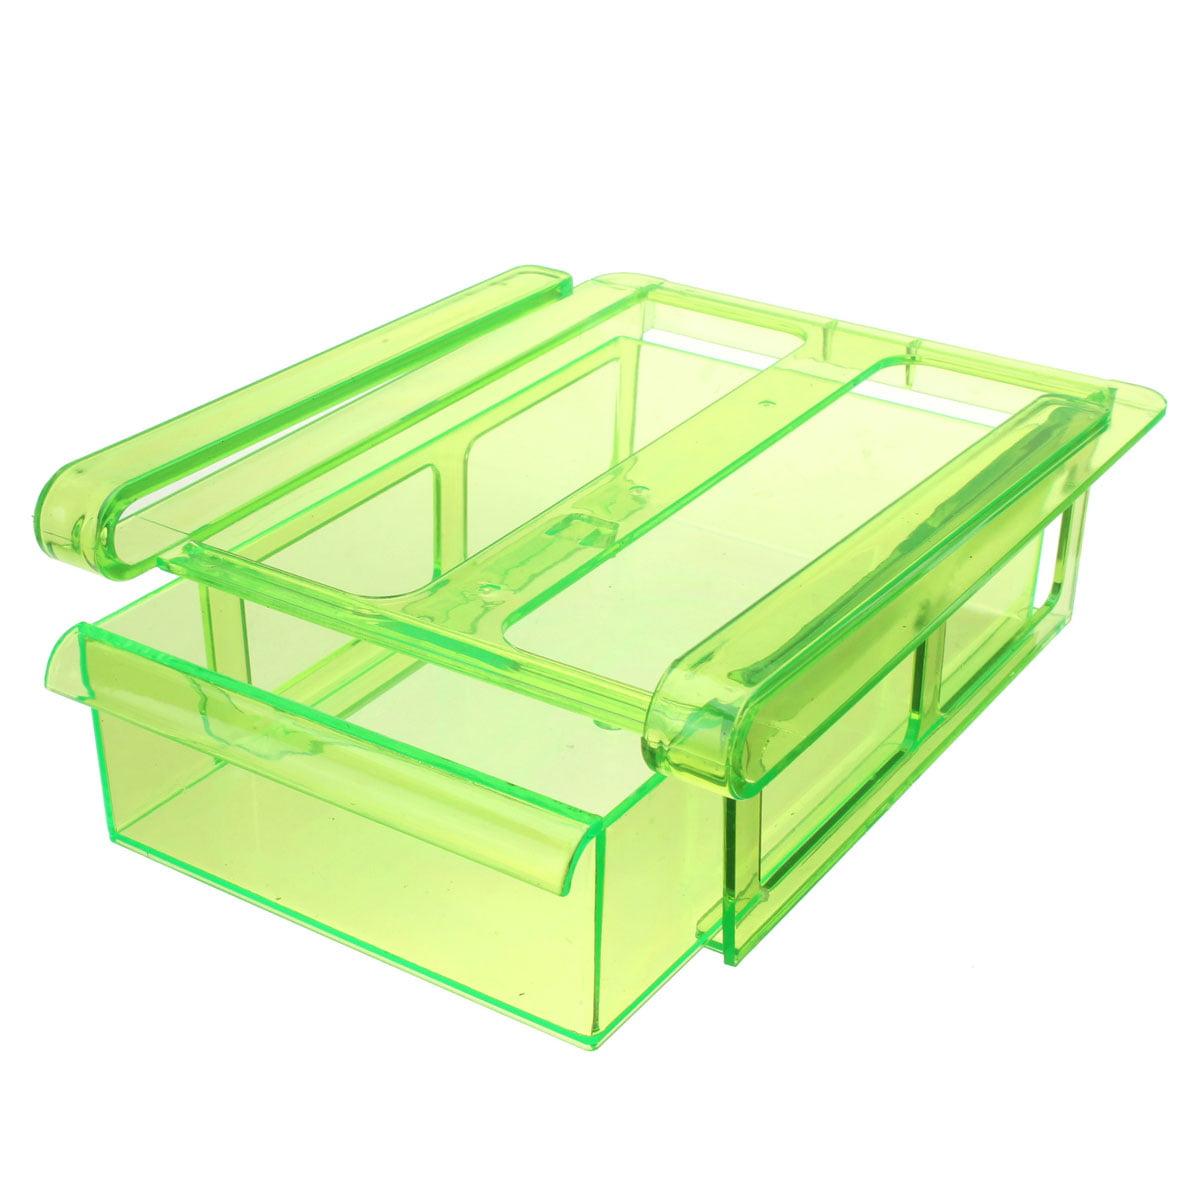 Meigar Slide Kitchen Fridge Freezer Space Saver Organizer Drawer Holder Storage Box